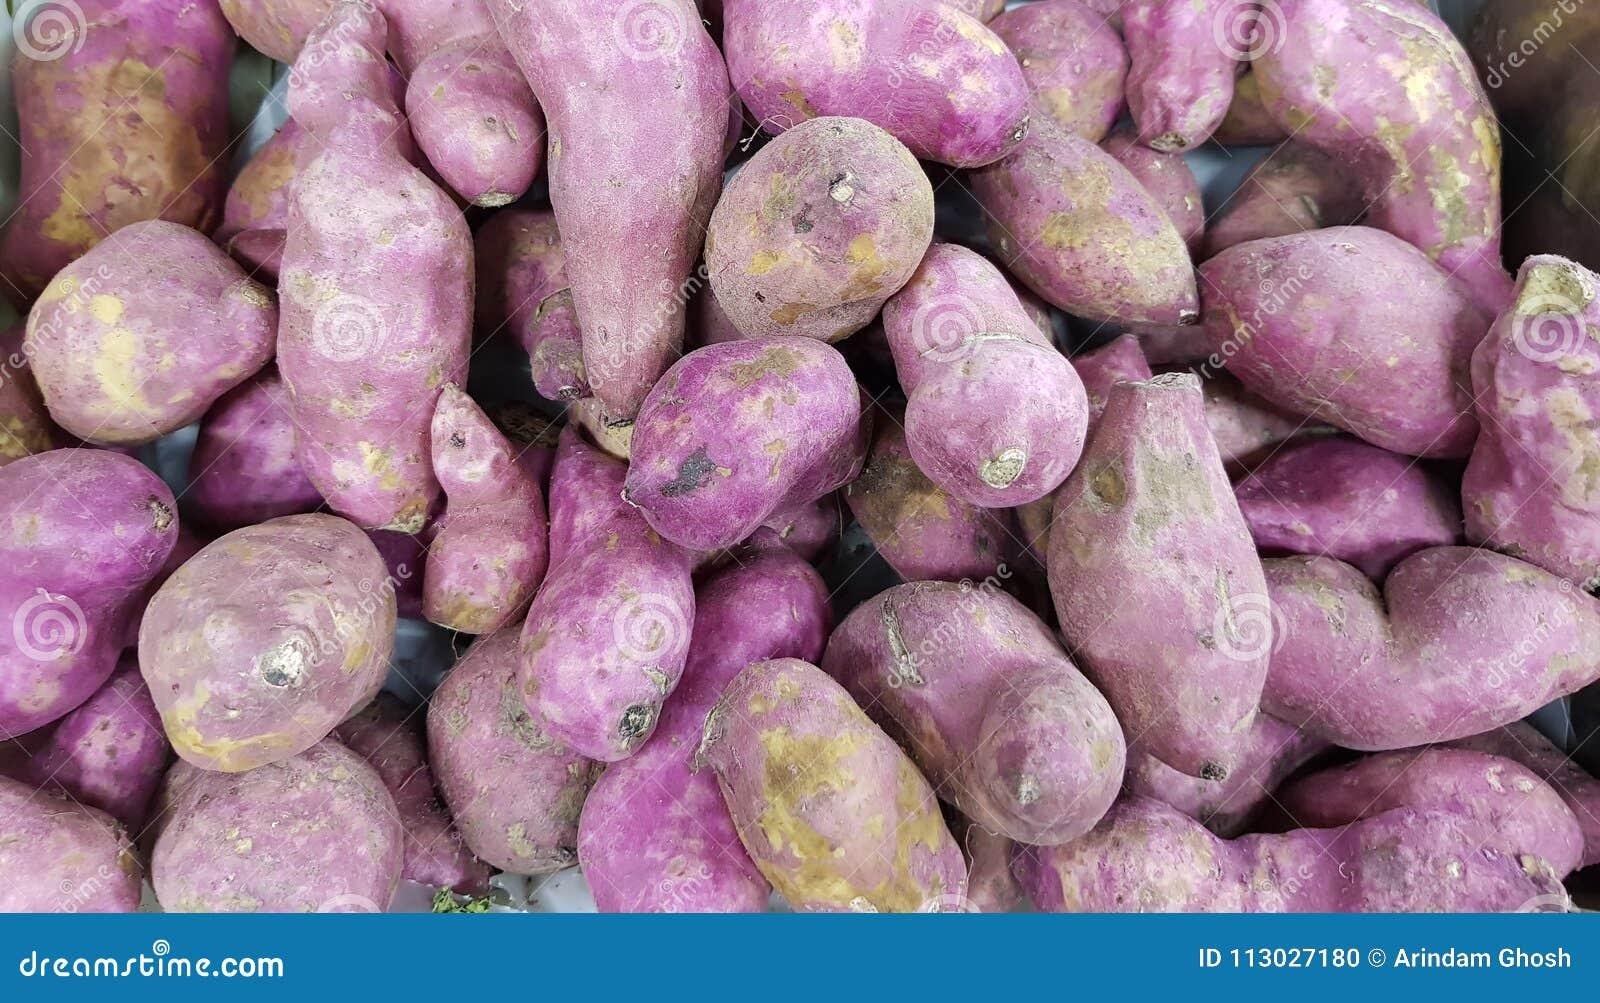 Pila de patata dulce en el mercado vegetal para la venta